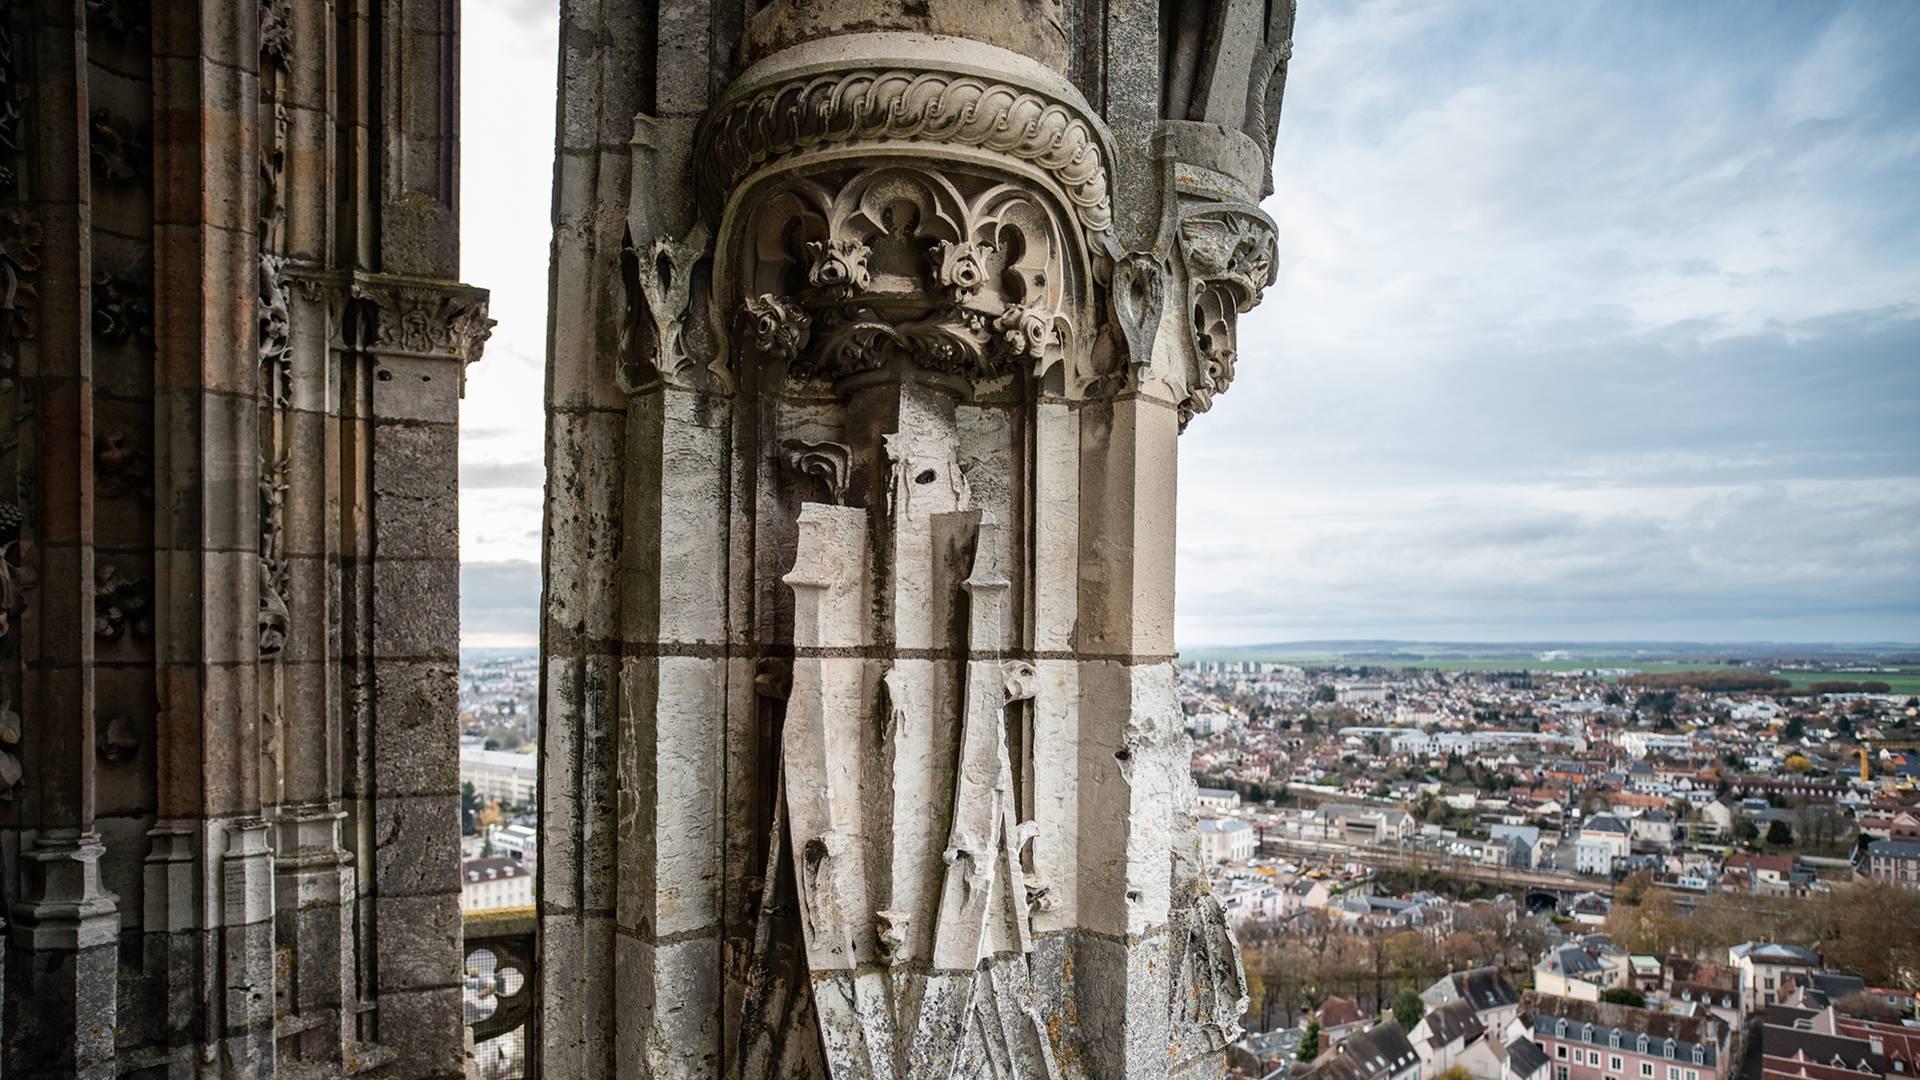 Vue sur les terres de Chartres depuis les hauteurs de la cathédrale